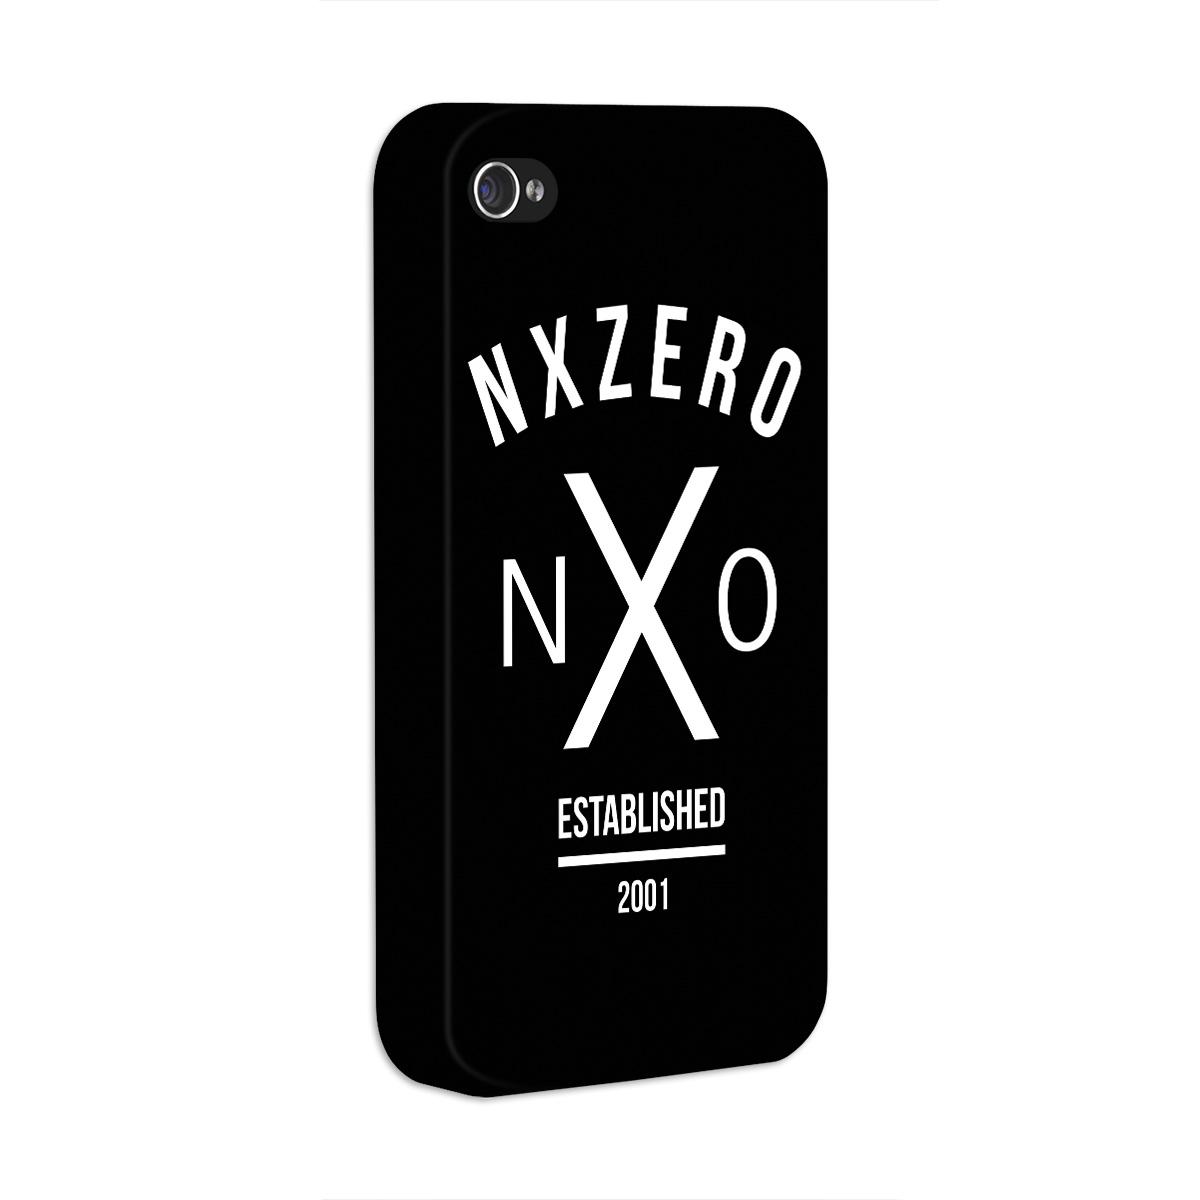 Capa de iPhone 4/4S NXZero NX0